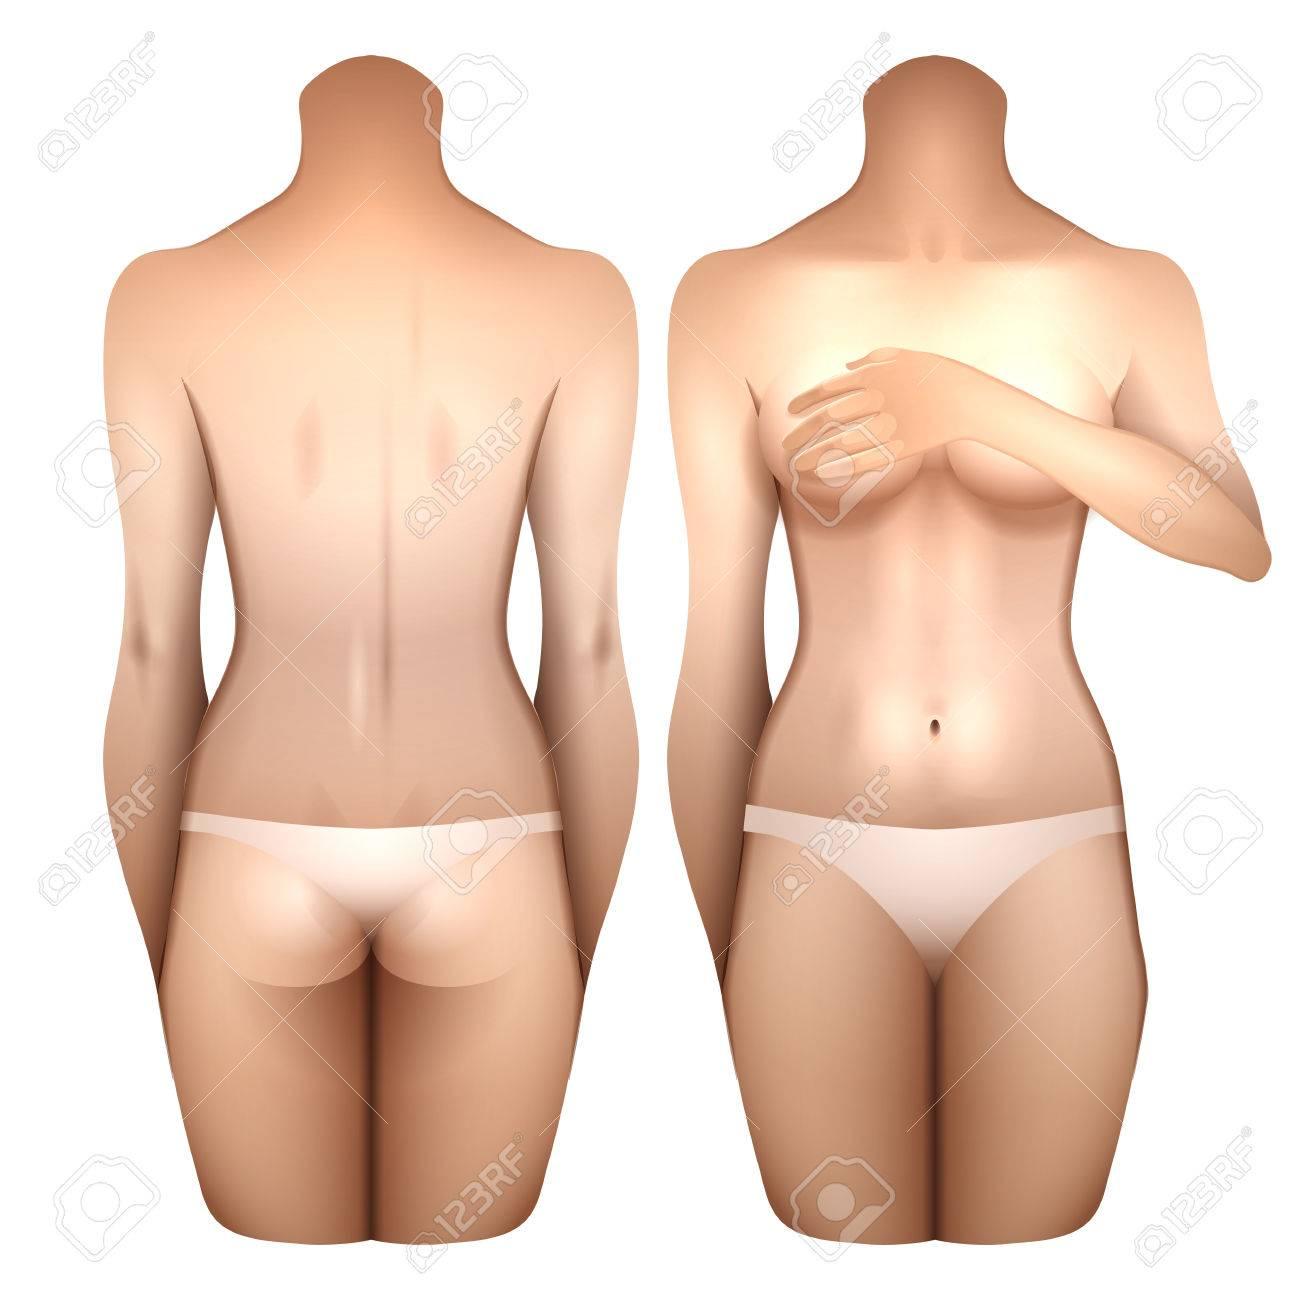 8635b345e8fa Chica Europea cubriendo el cofre con su mano. Cuerpo de mujer en lencería  blanca. Vistas frontal y posterior. Plantilla de vectores para el diseño  del ...